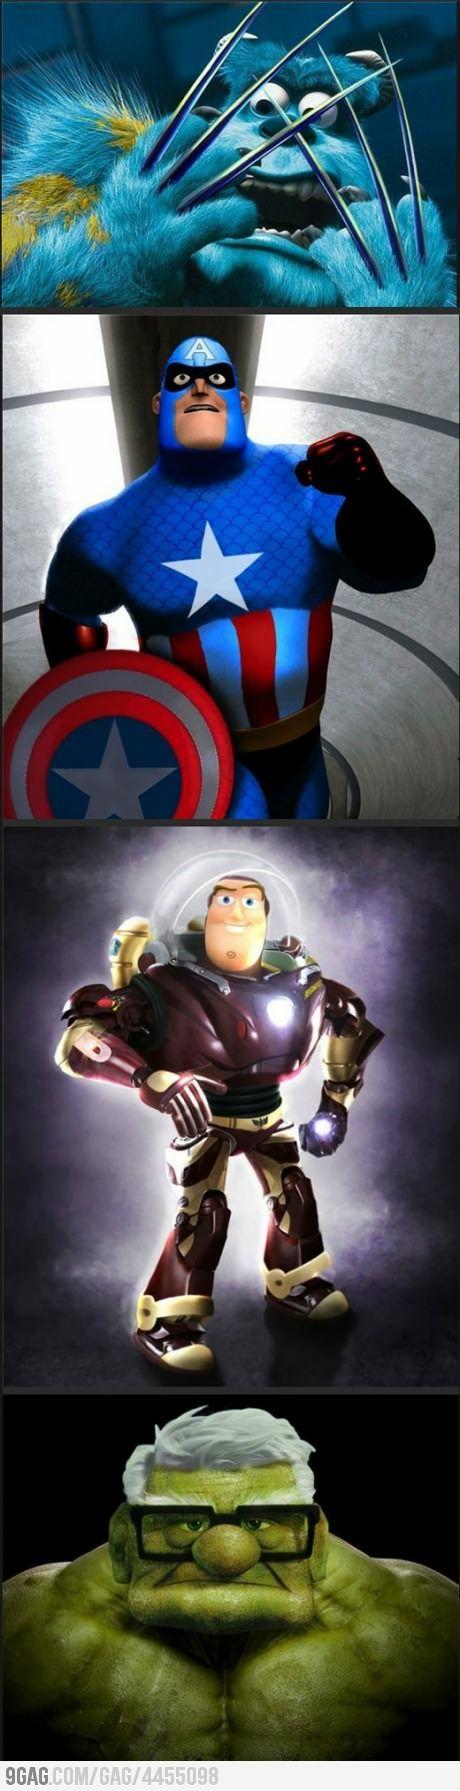 Pixar/Marvel Mash-Up